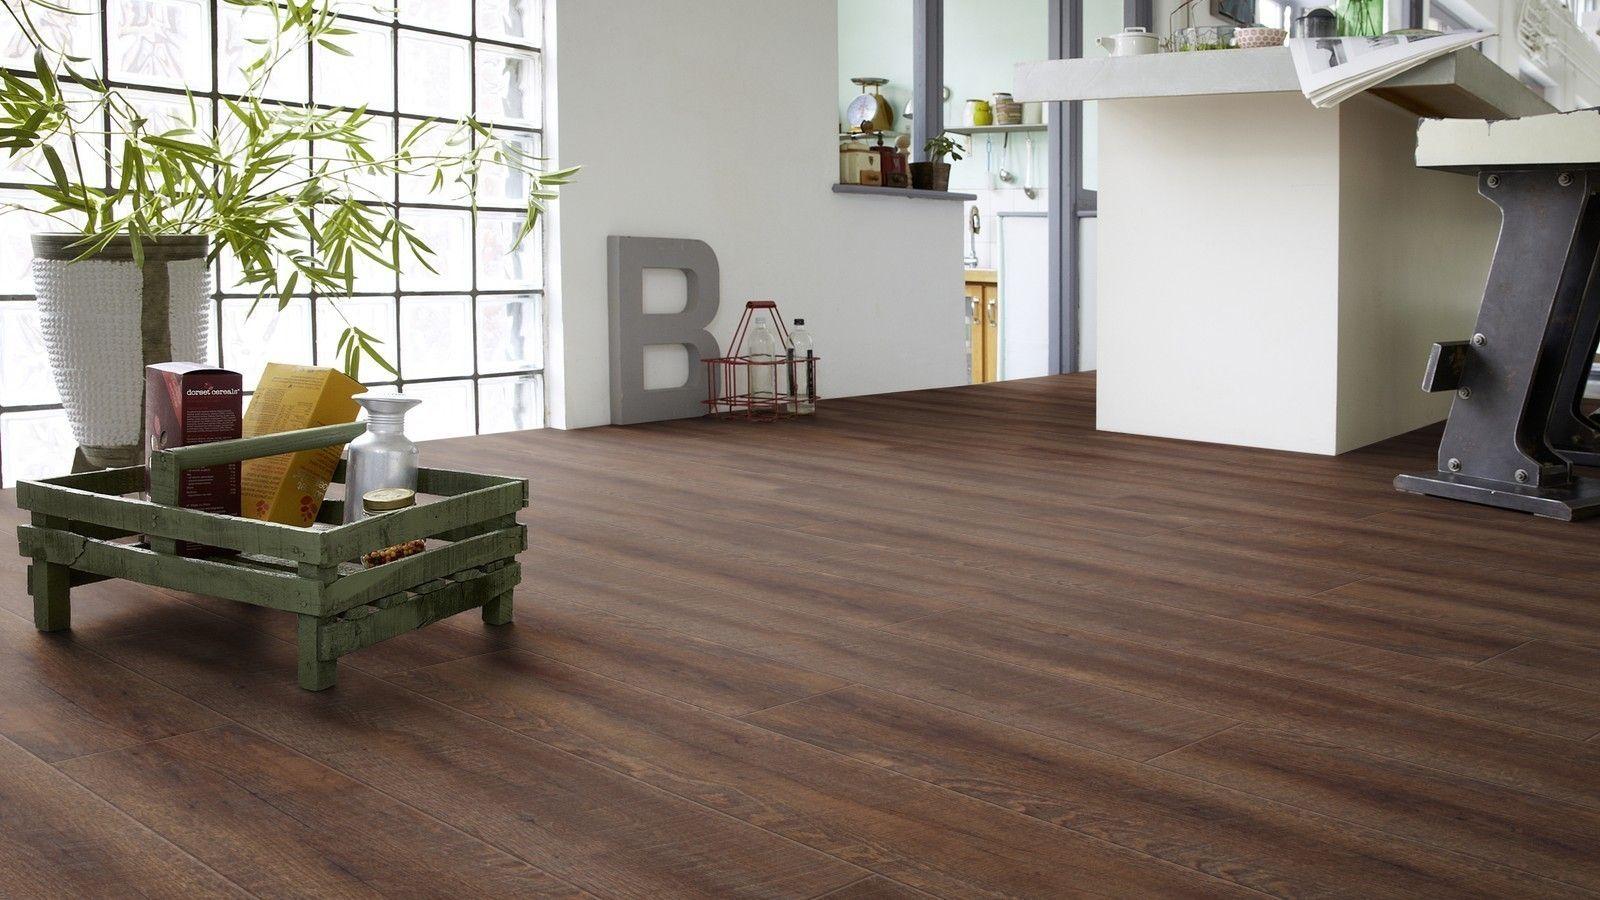 Art of stylish design: Tarkett floorboard